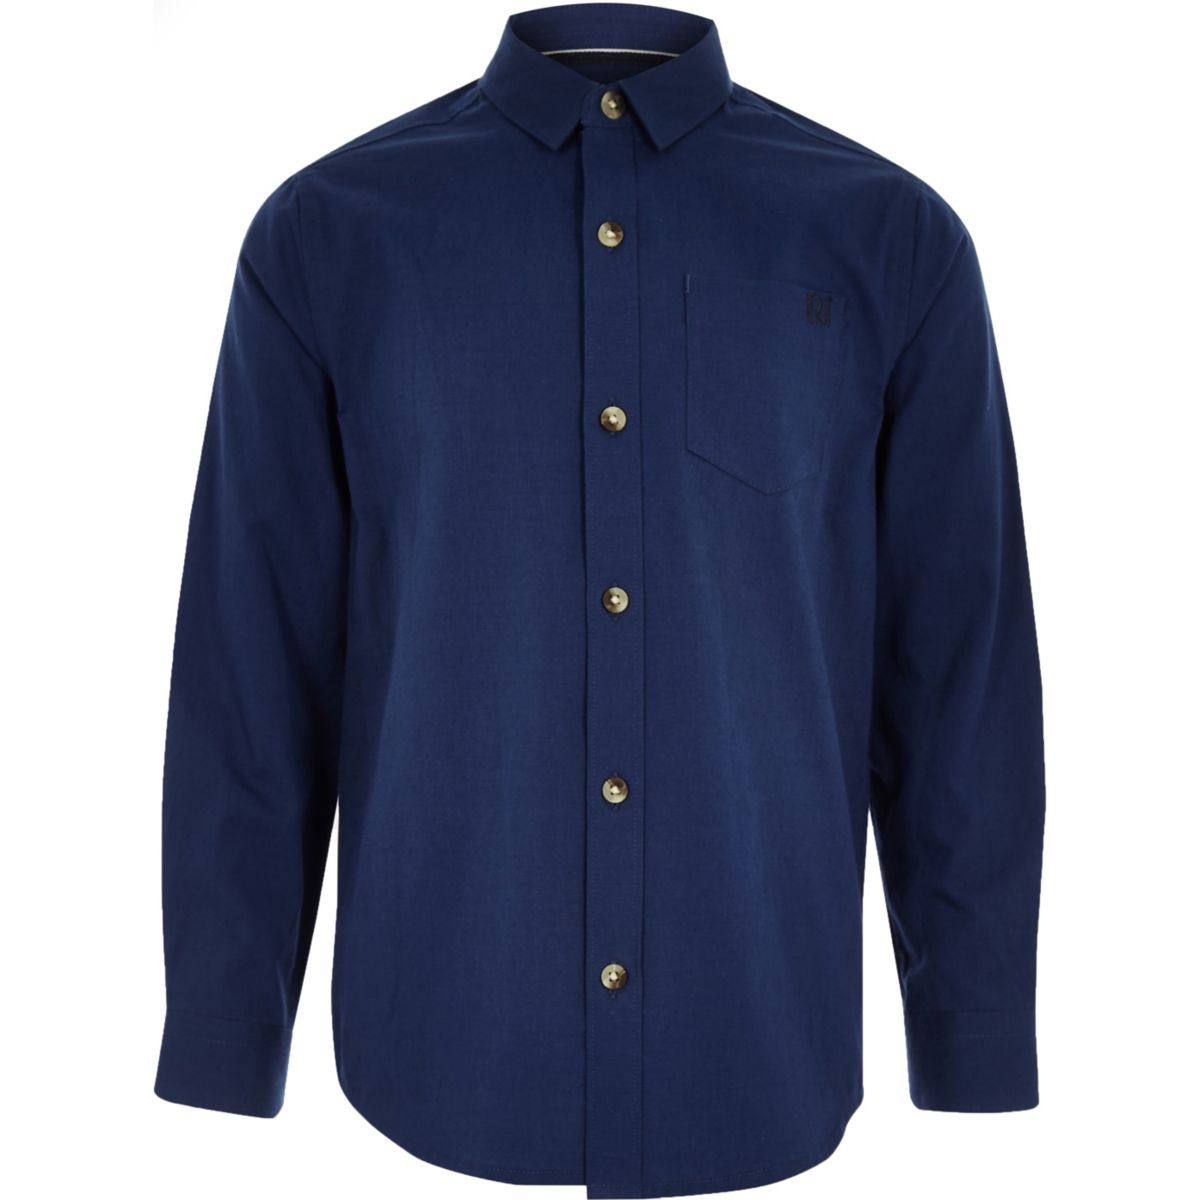 Chemise bleu foncé à manches longues pour garçon